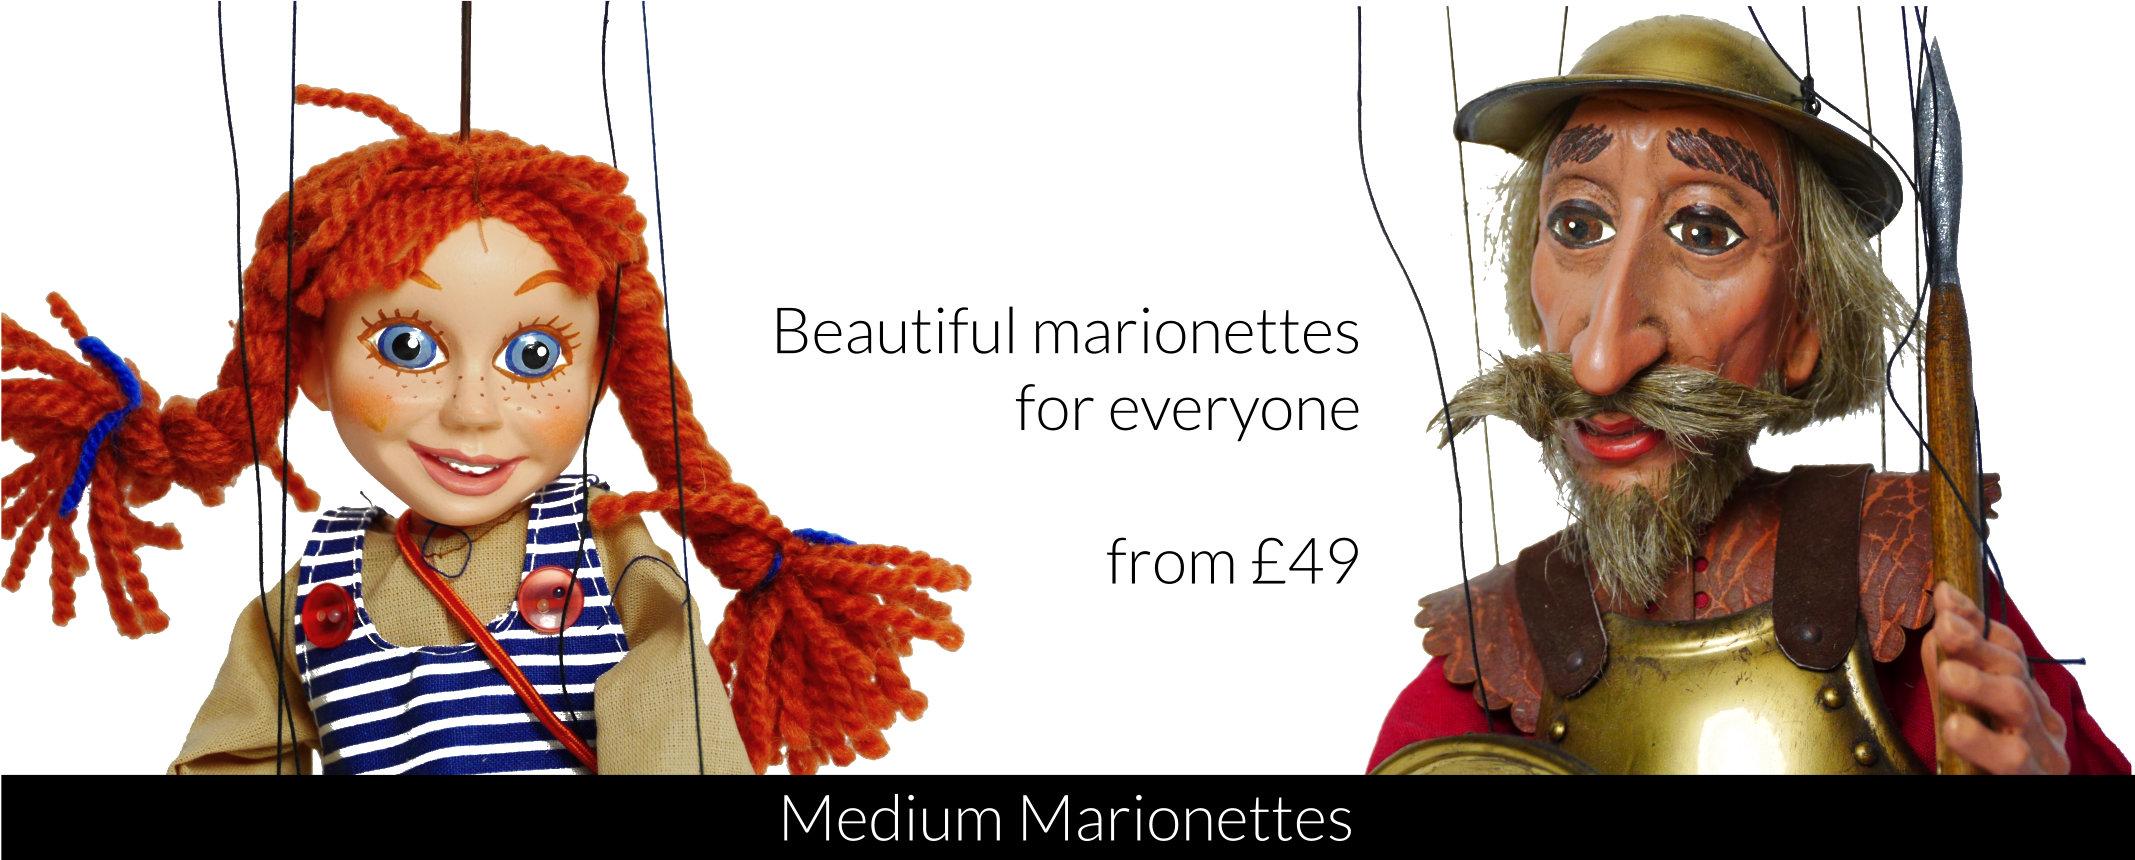 Medium Marionettes